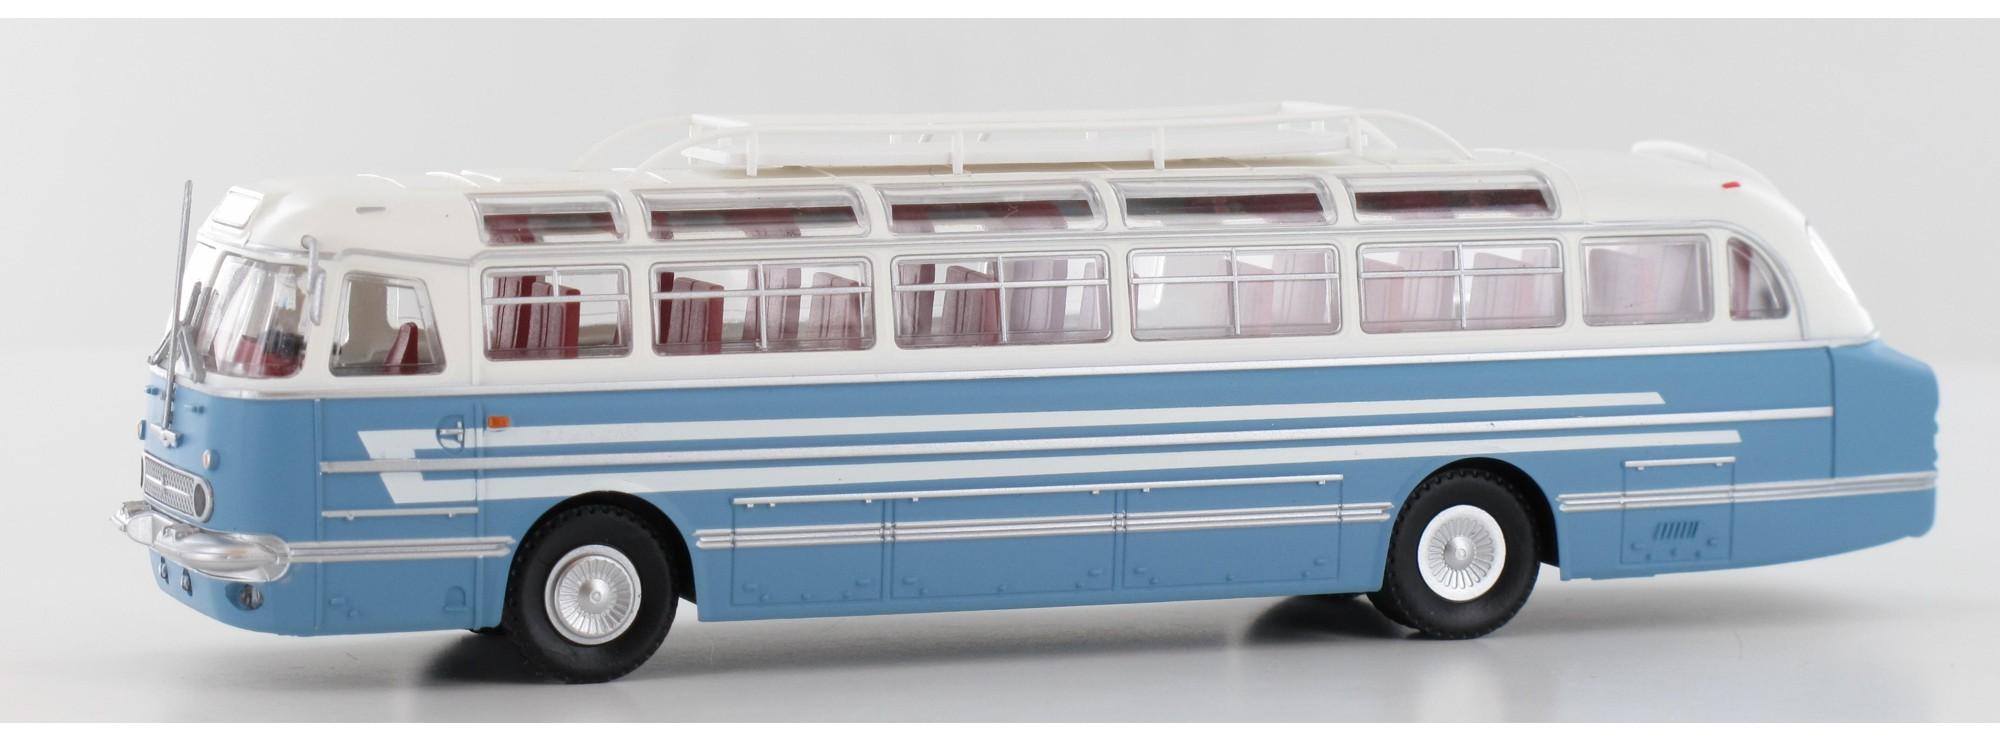 1:87 Brekina Ikarus 55 Reisebus rubinrot//beige #59455